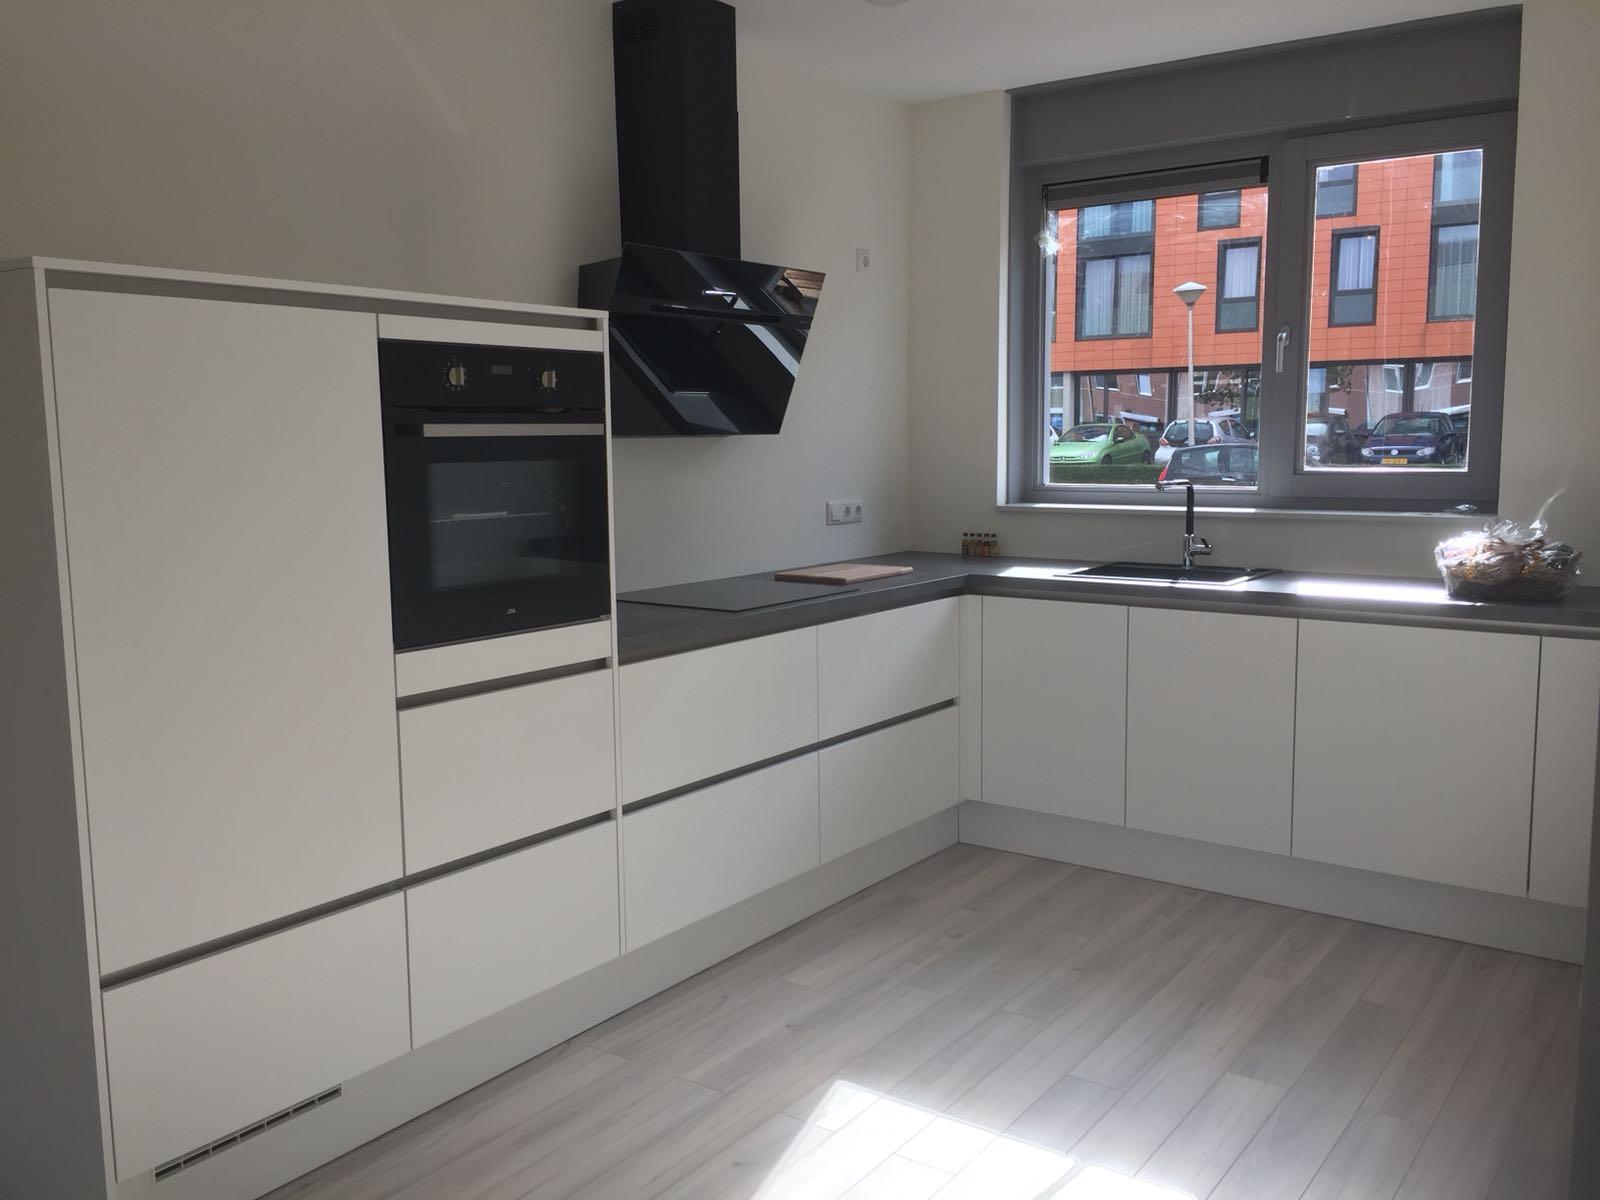 greeploze alpine witte L-keuken, werkblad beton schiefer grijs, Veel lades. Schuine afzuigkap, ideaal voor langere mensen, zwarte apparatuur